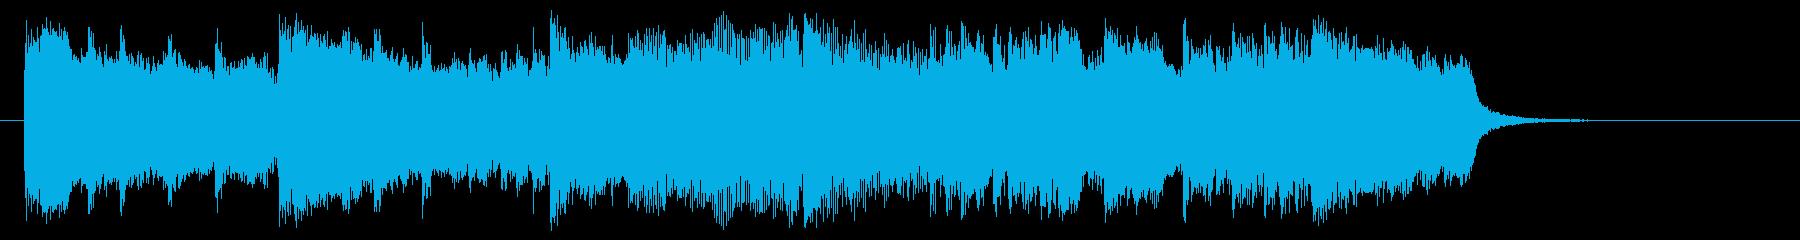 アップテンポで明るいポップスのジングルの再生済みの波形